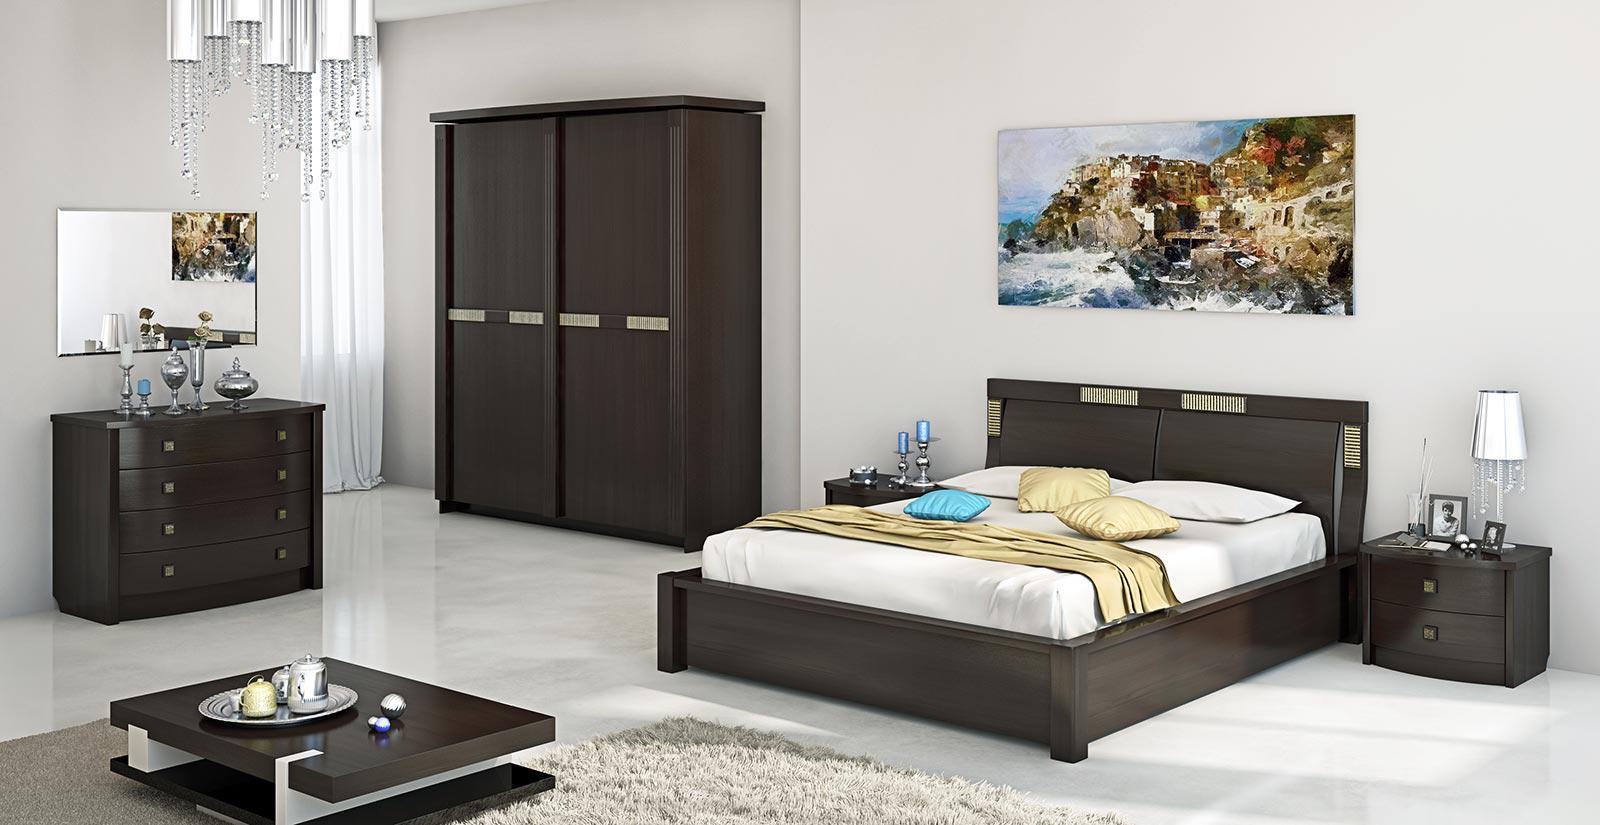 Schlafgarnitur «Carina»